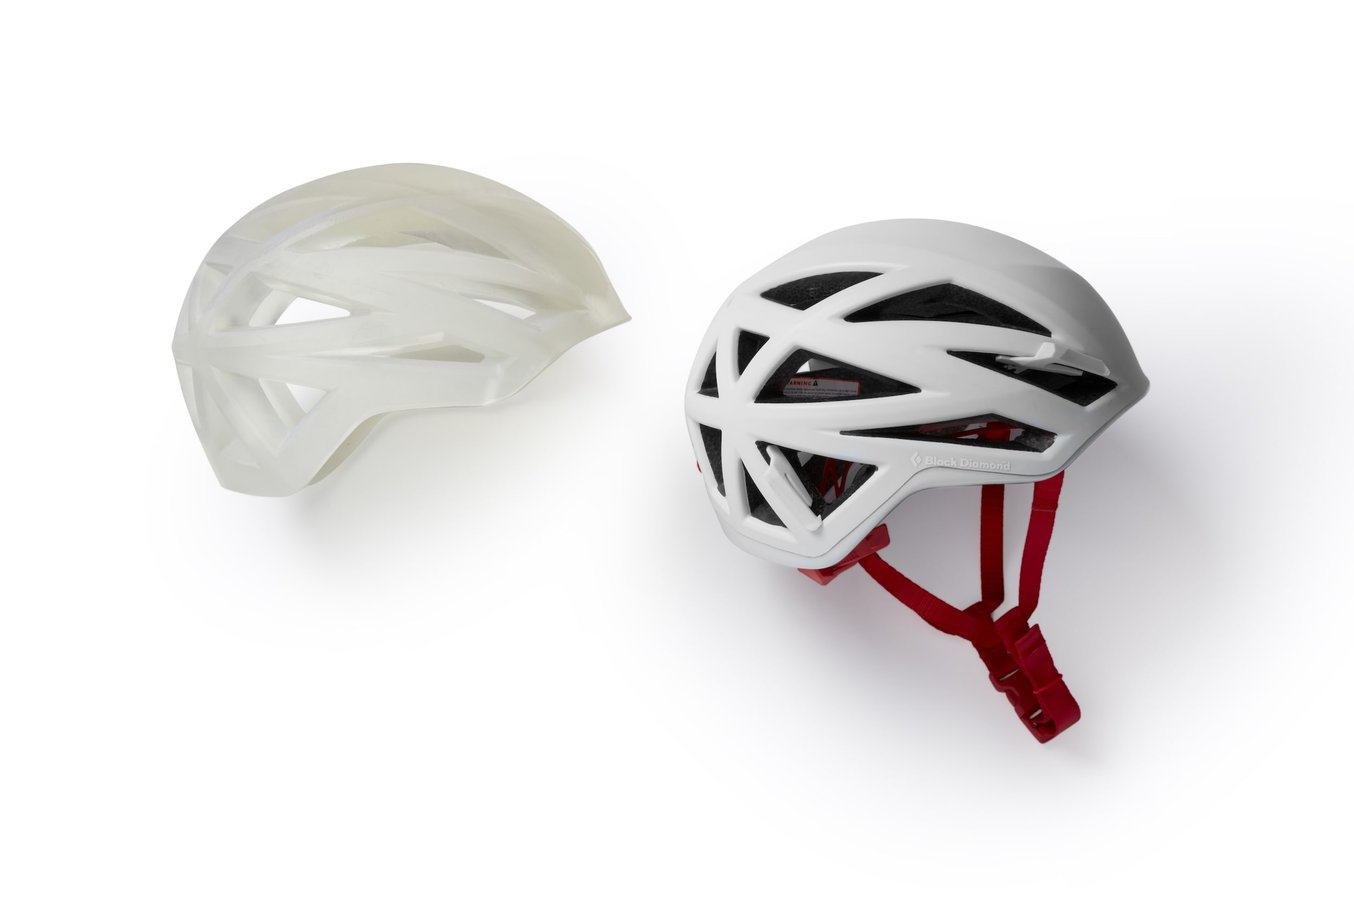 Der Form 3L eignet sich zum 3D-Druck größerer Prototypen wie etwa eines maßstabsgetreuen Helms.